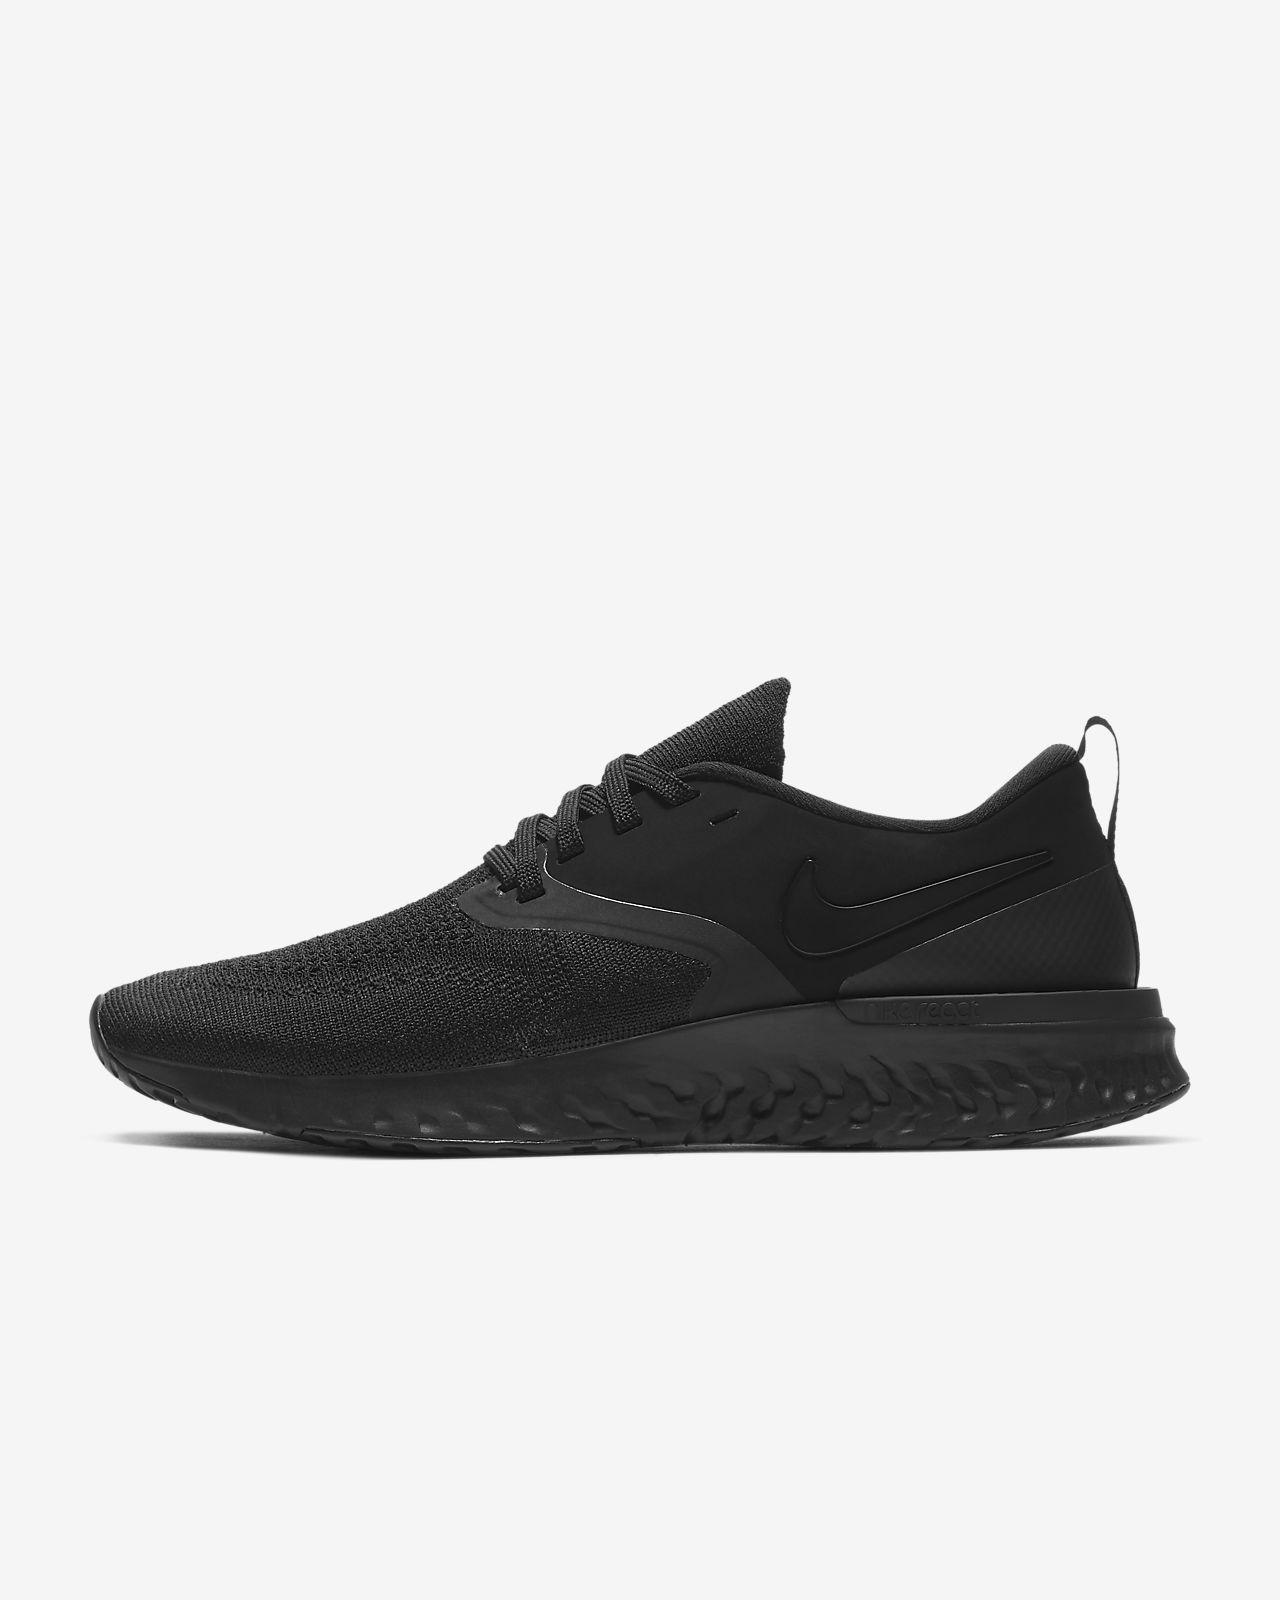 online store f6810 a5c72 Women s Running Shoe. Nike Odyssey React Flyknit 2